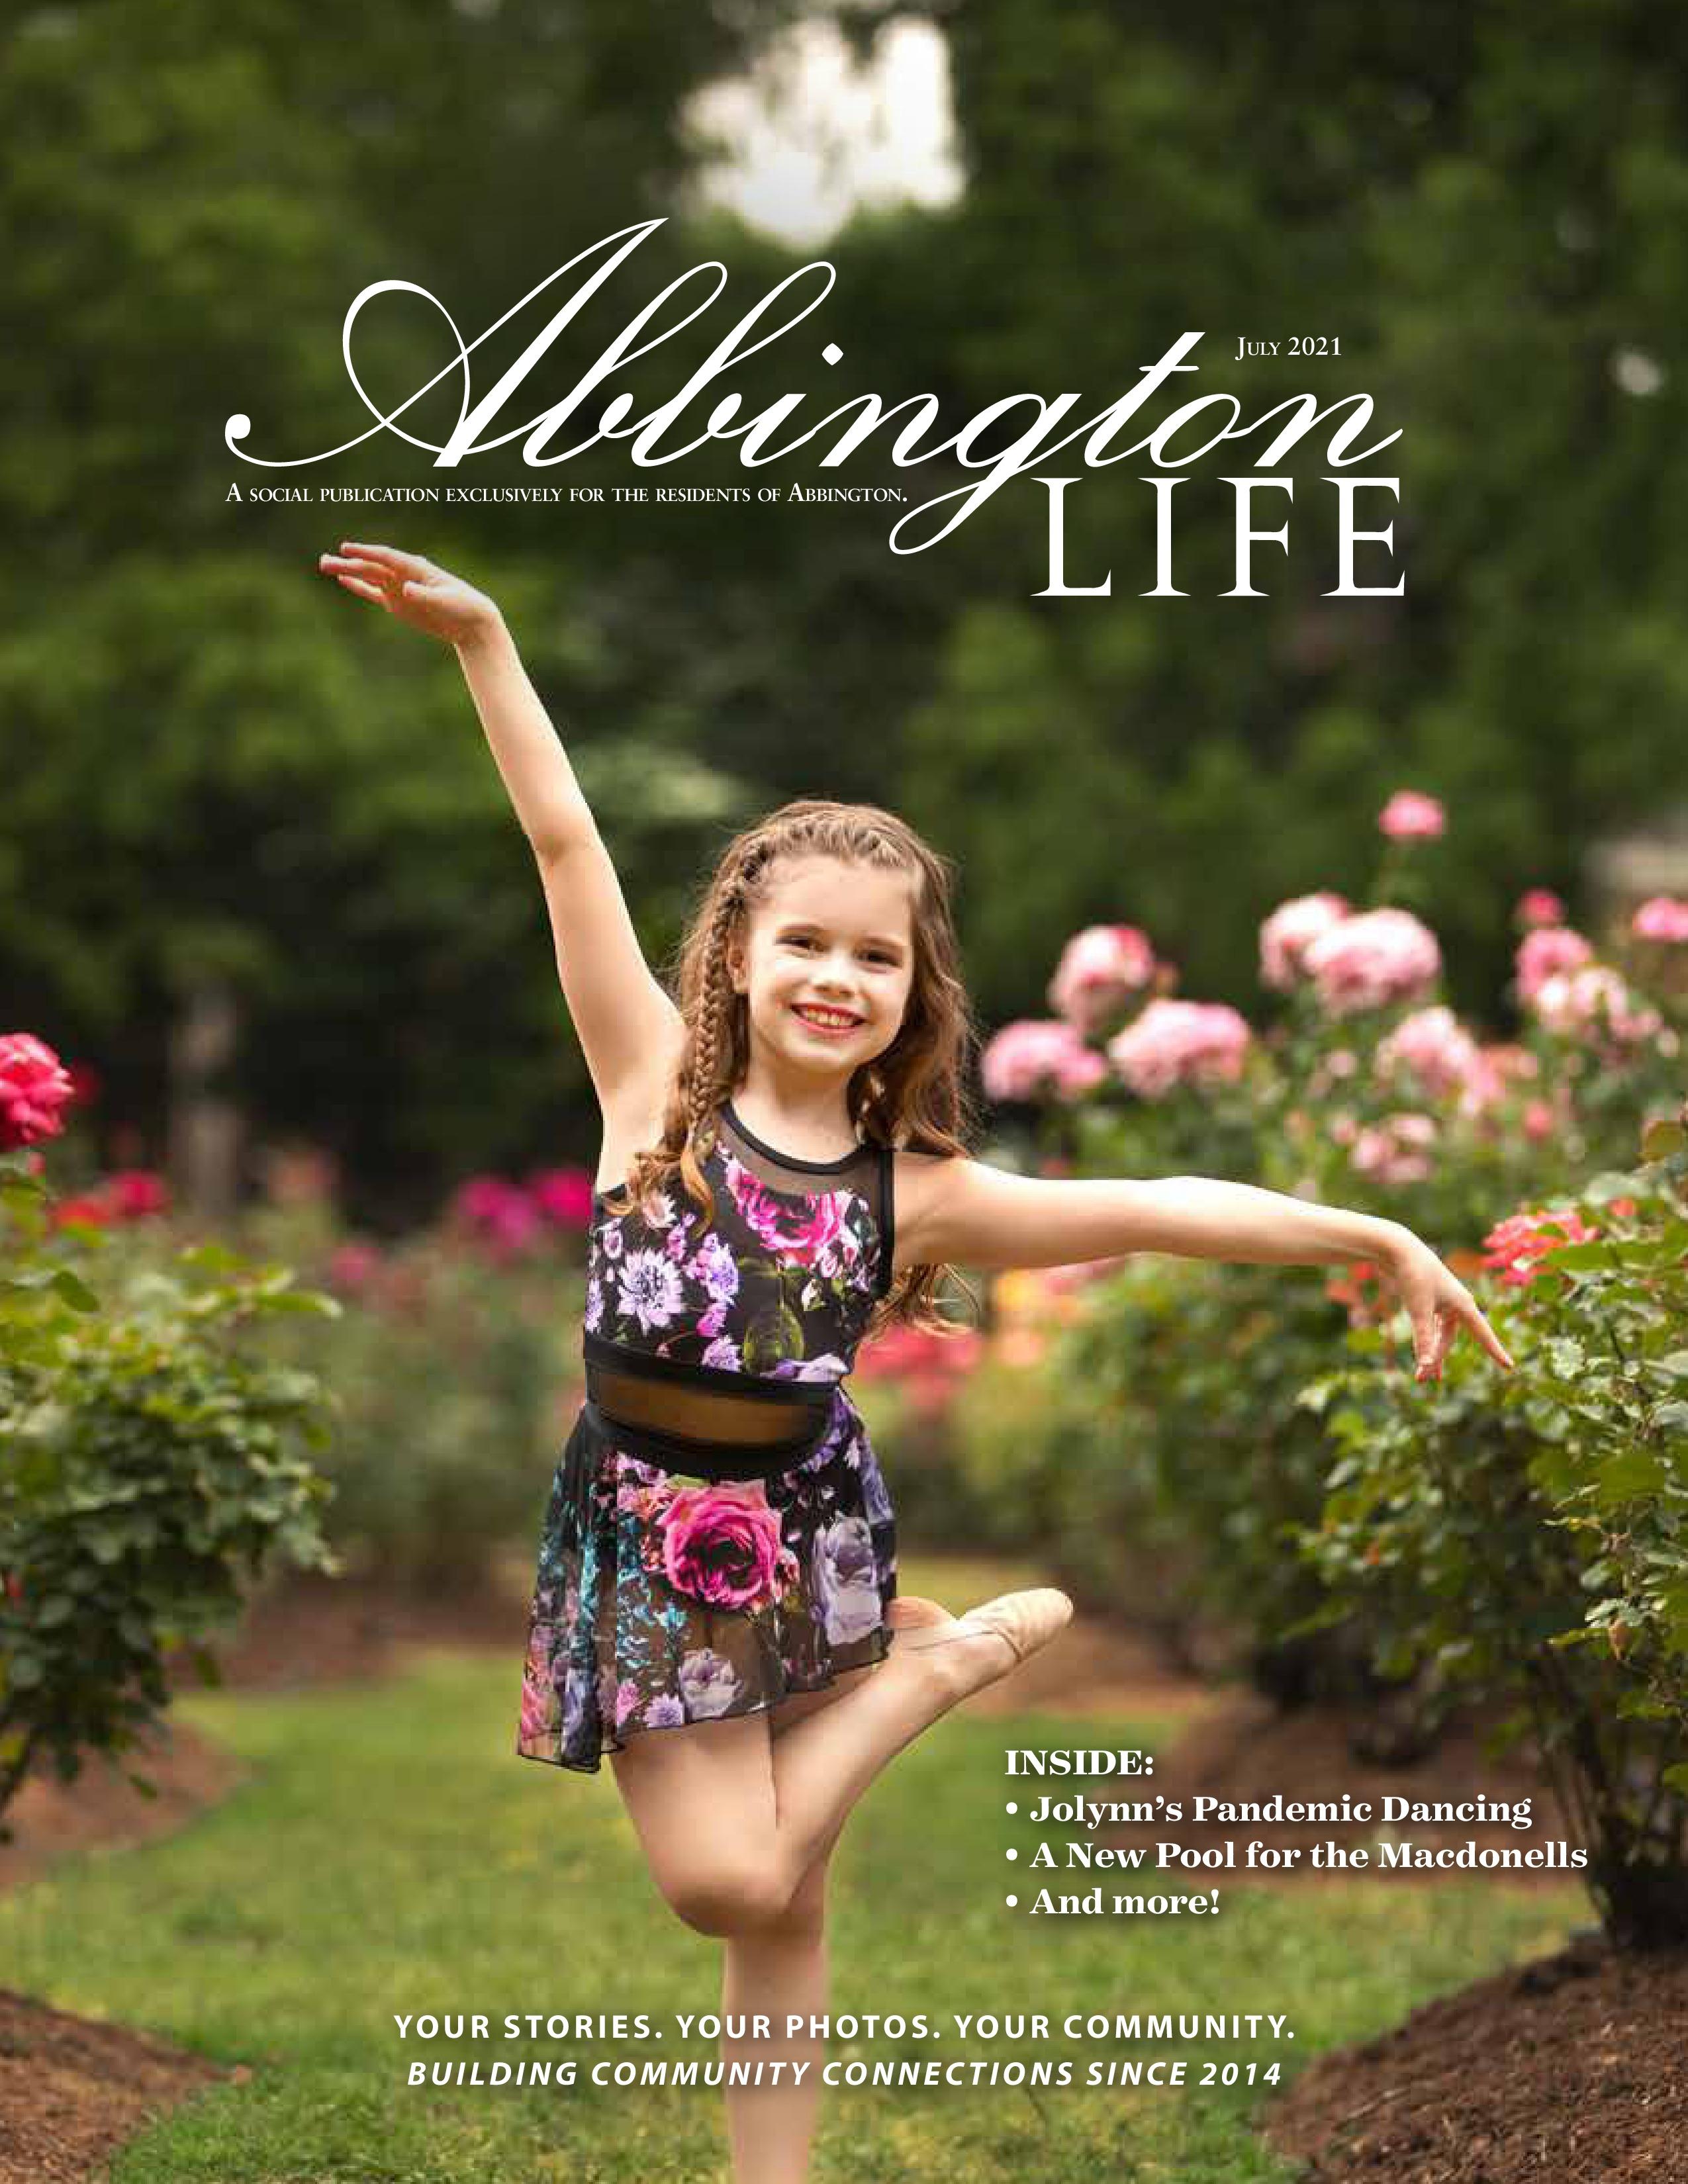 Abbington Life 2021-07-01